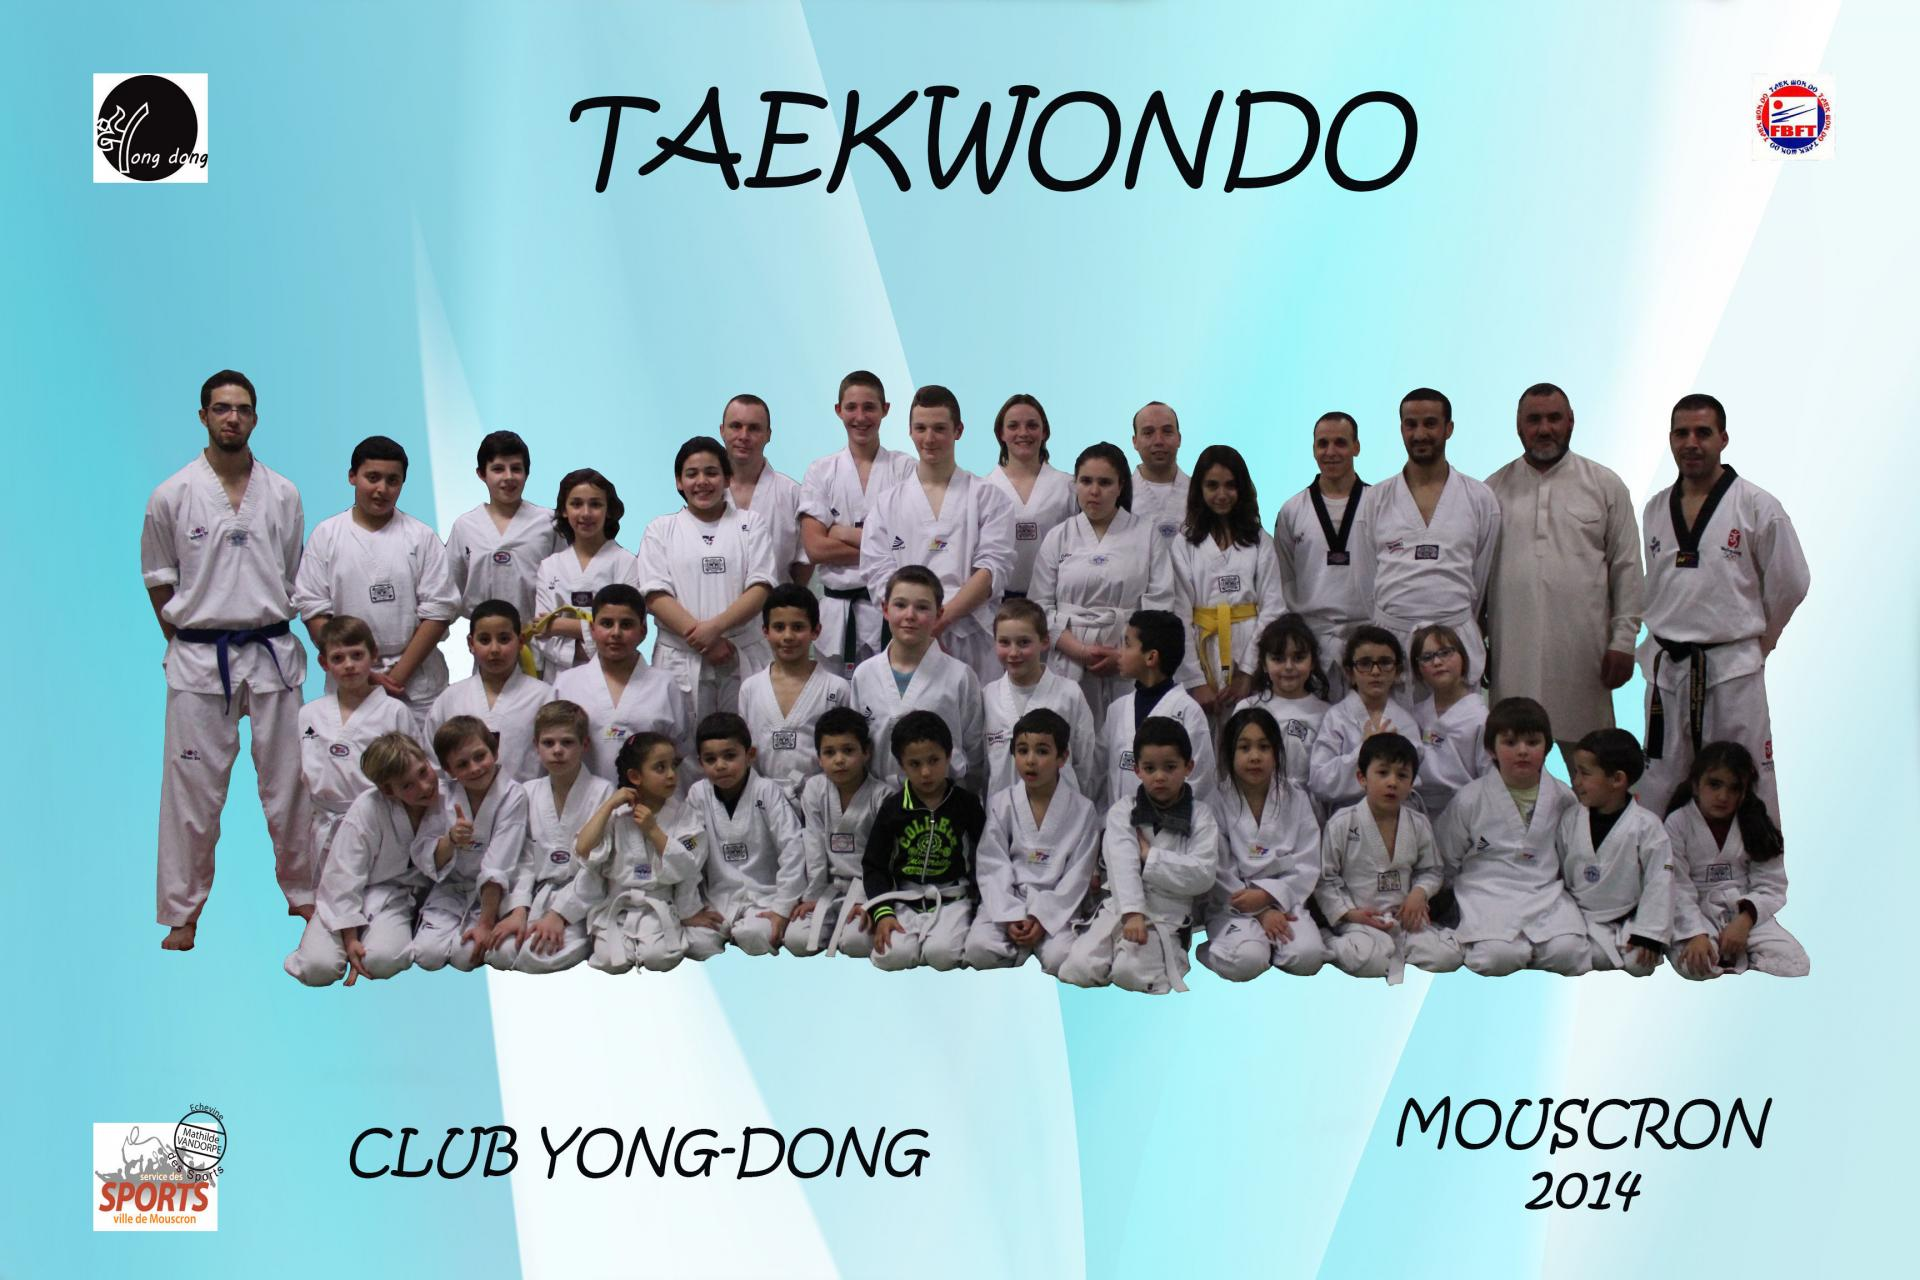 Yong dong